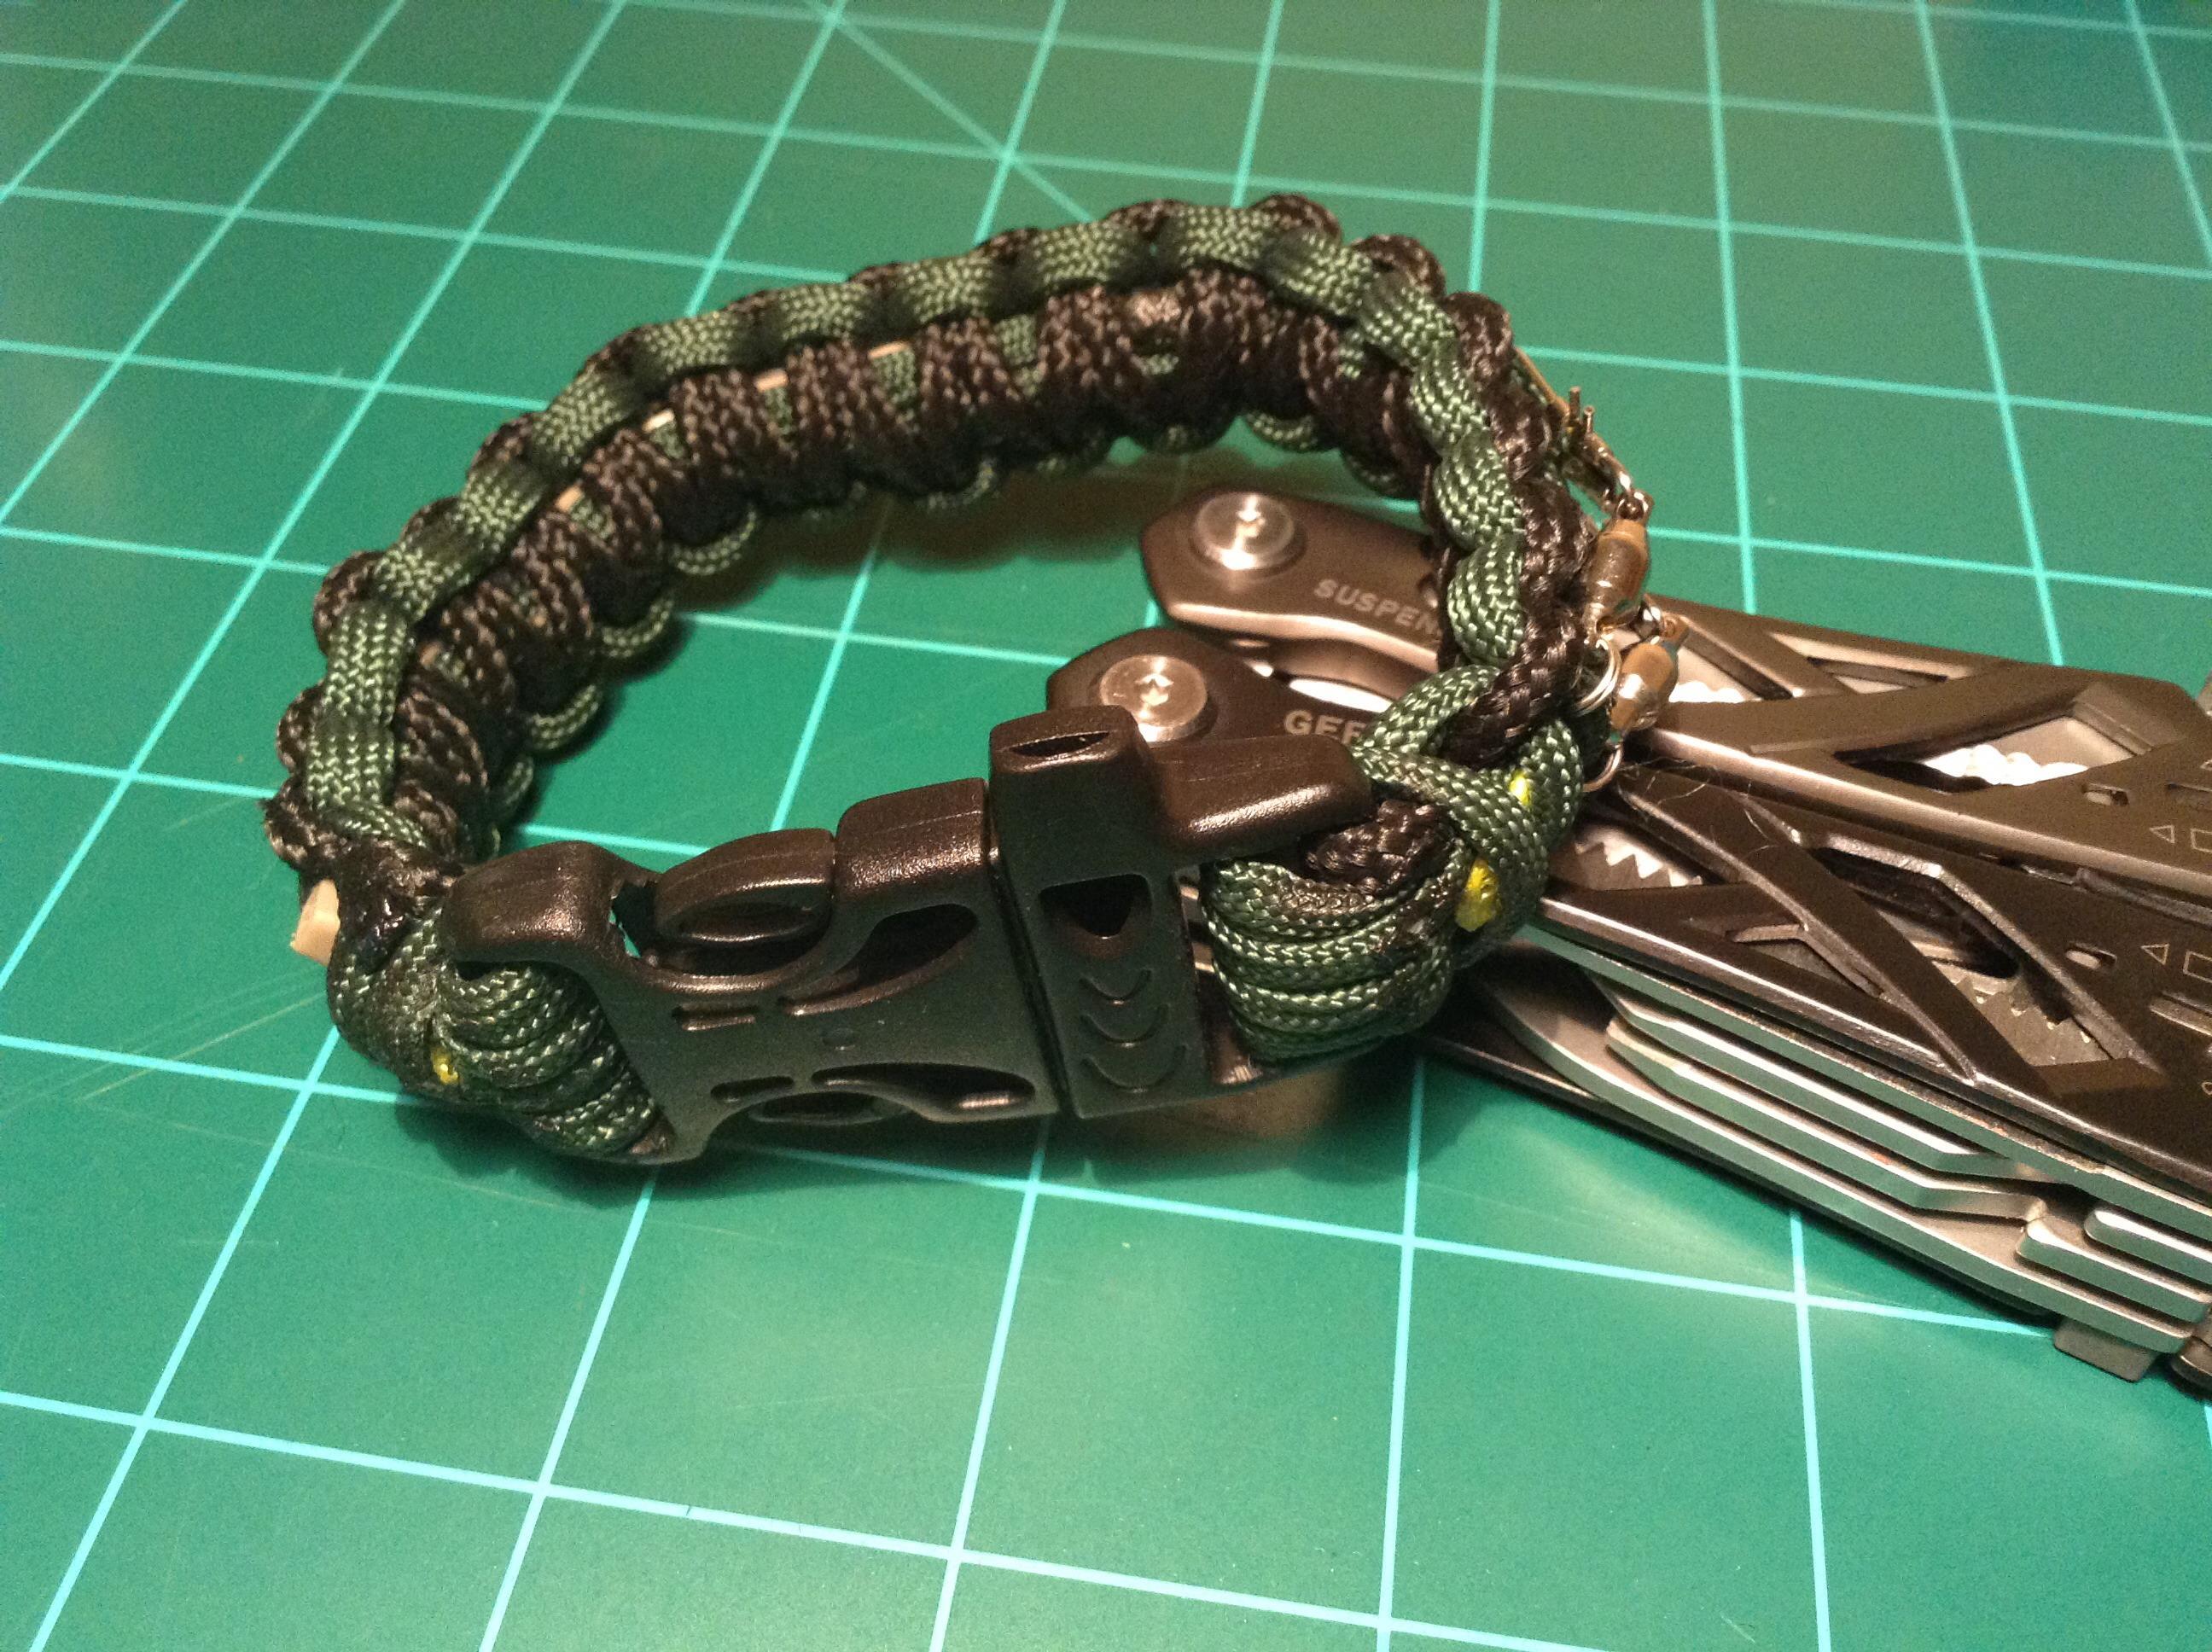 Picture of Survival Kit Inside a Paracord Bracelet